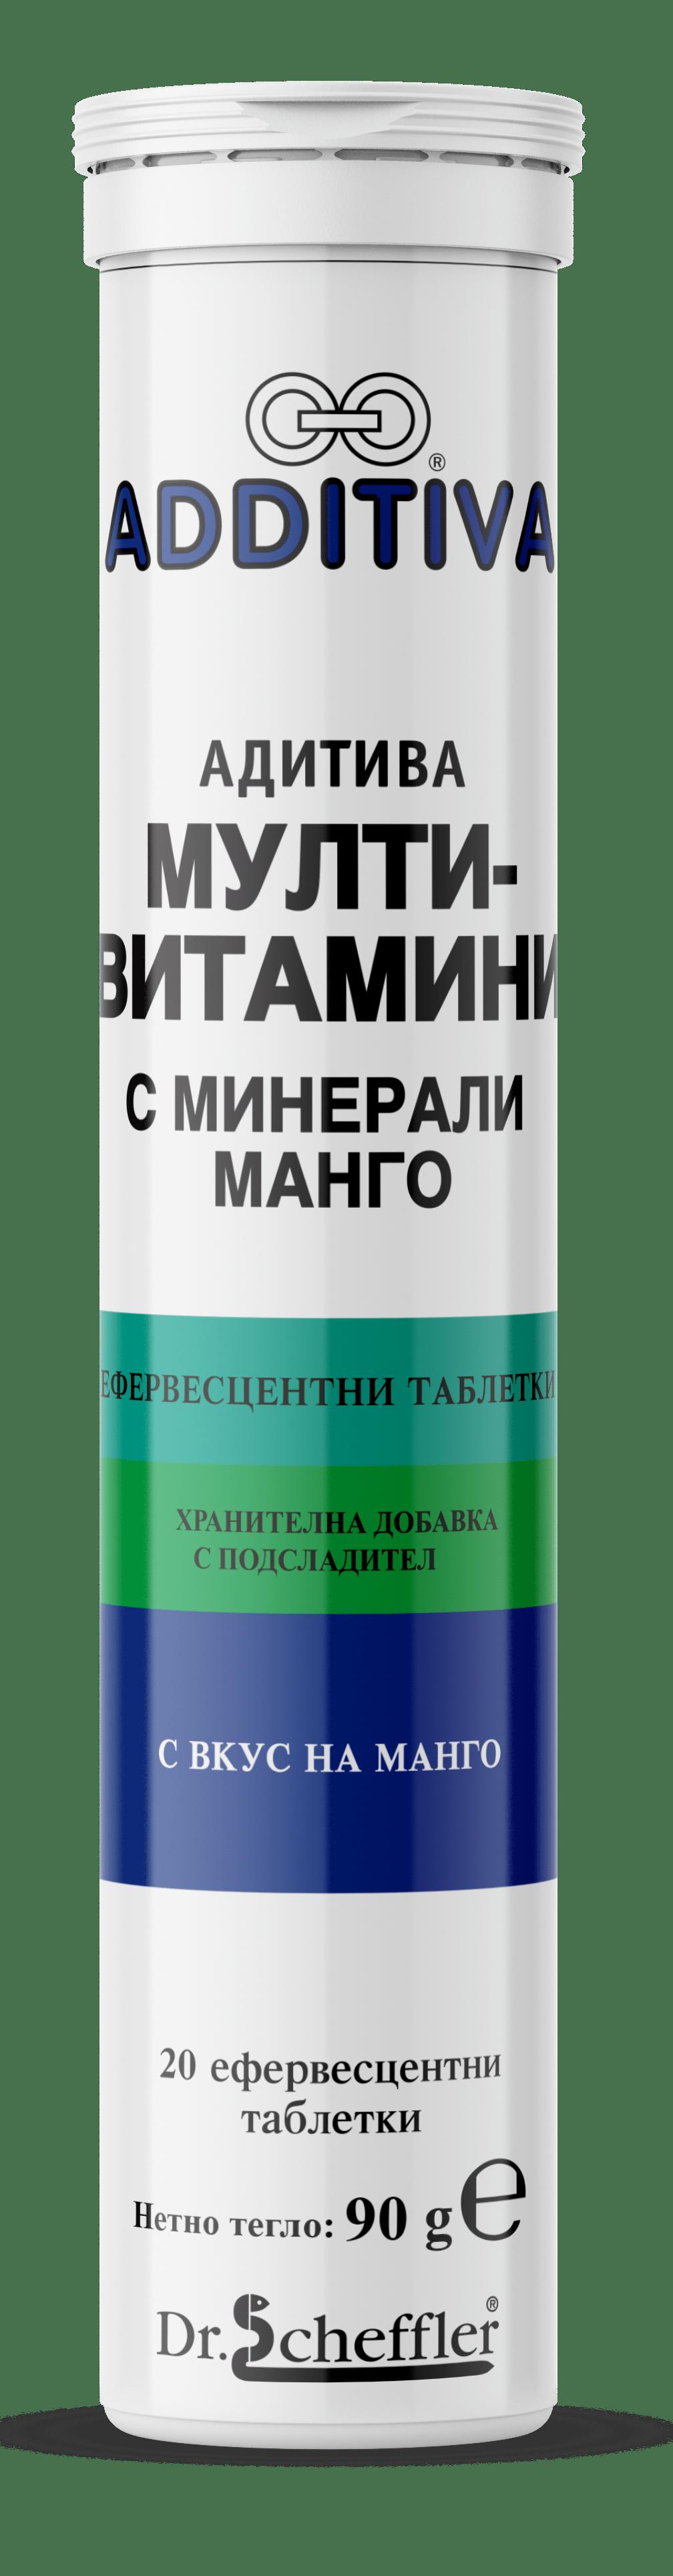 Адитива мултивитамини с минерали, с вкус на манго